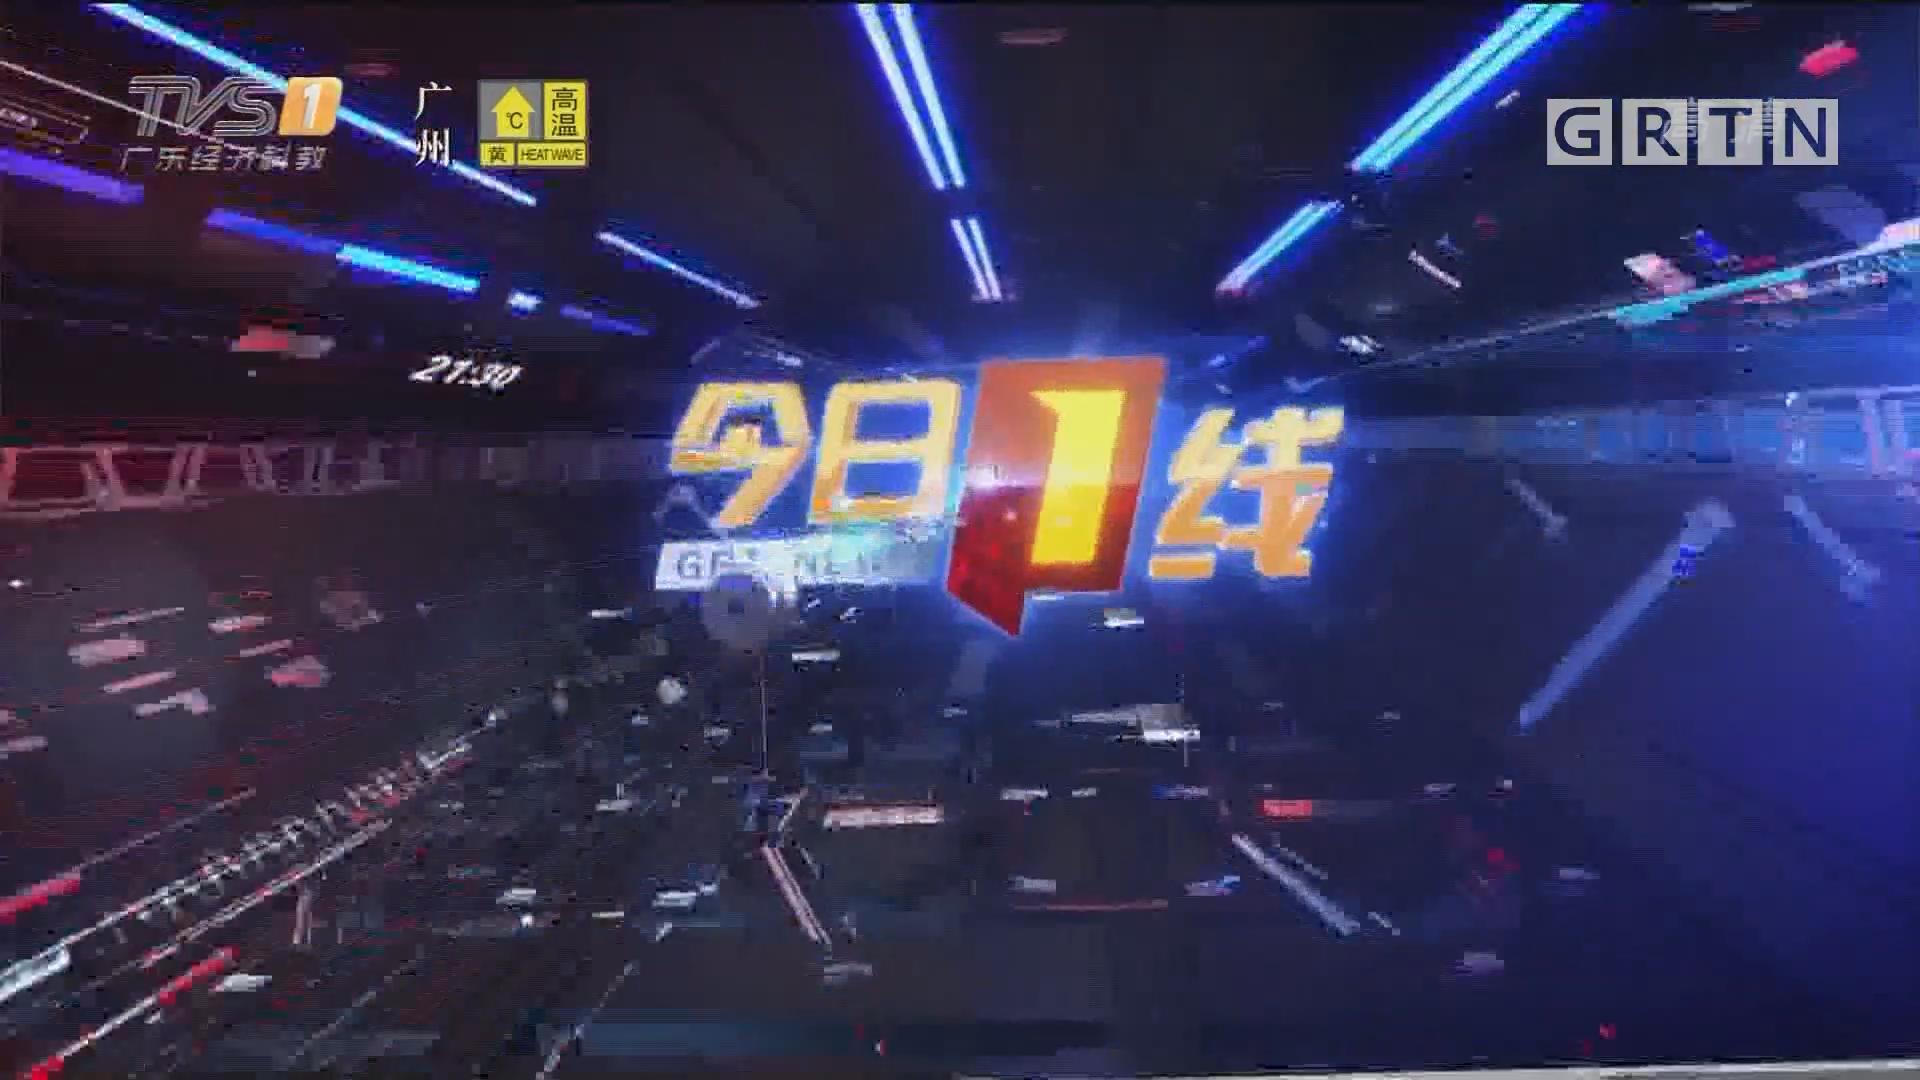 [HD][2019-09-10]今日一线:广州黄埔:新教学楼味大引家长质疑 再检结果公布